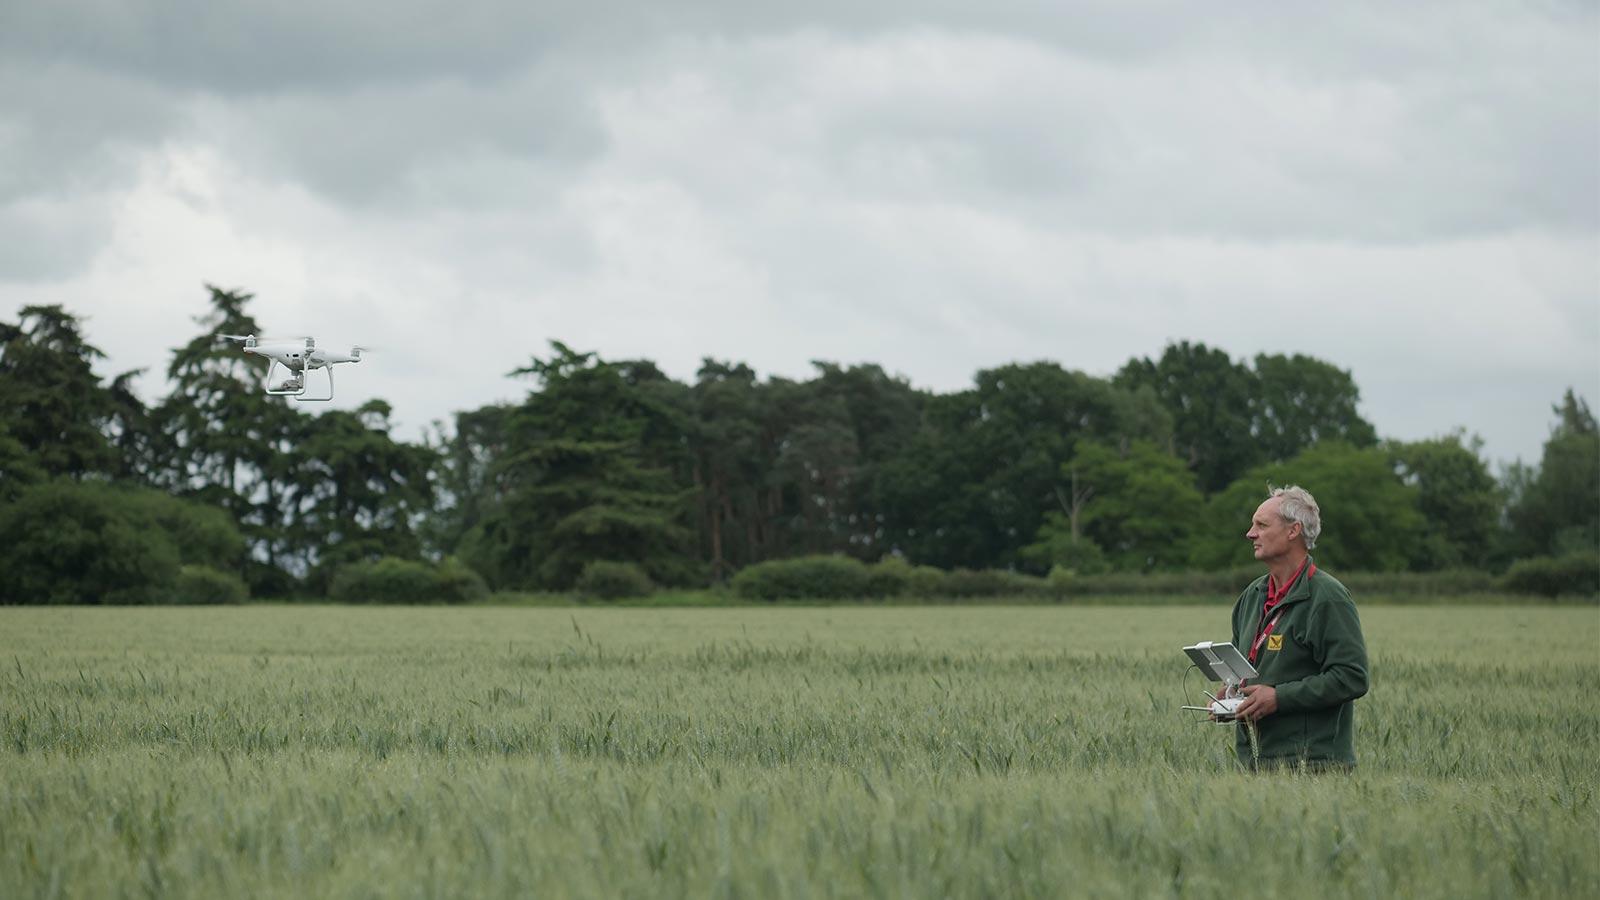 Farmer flying a drone in a field